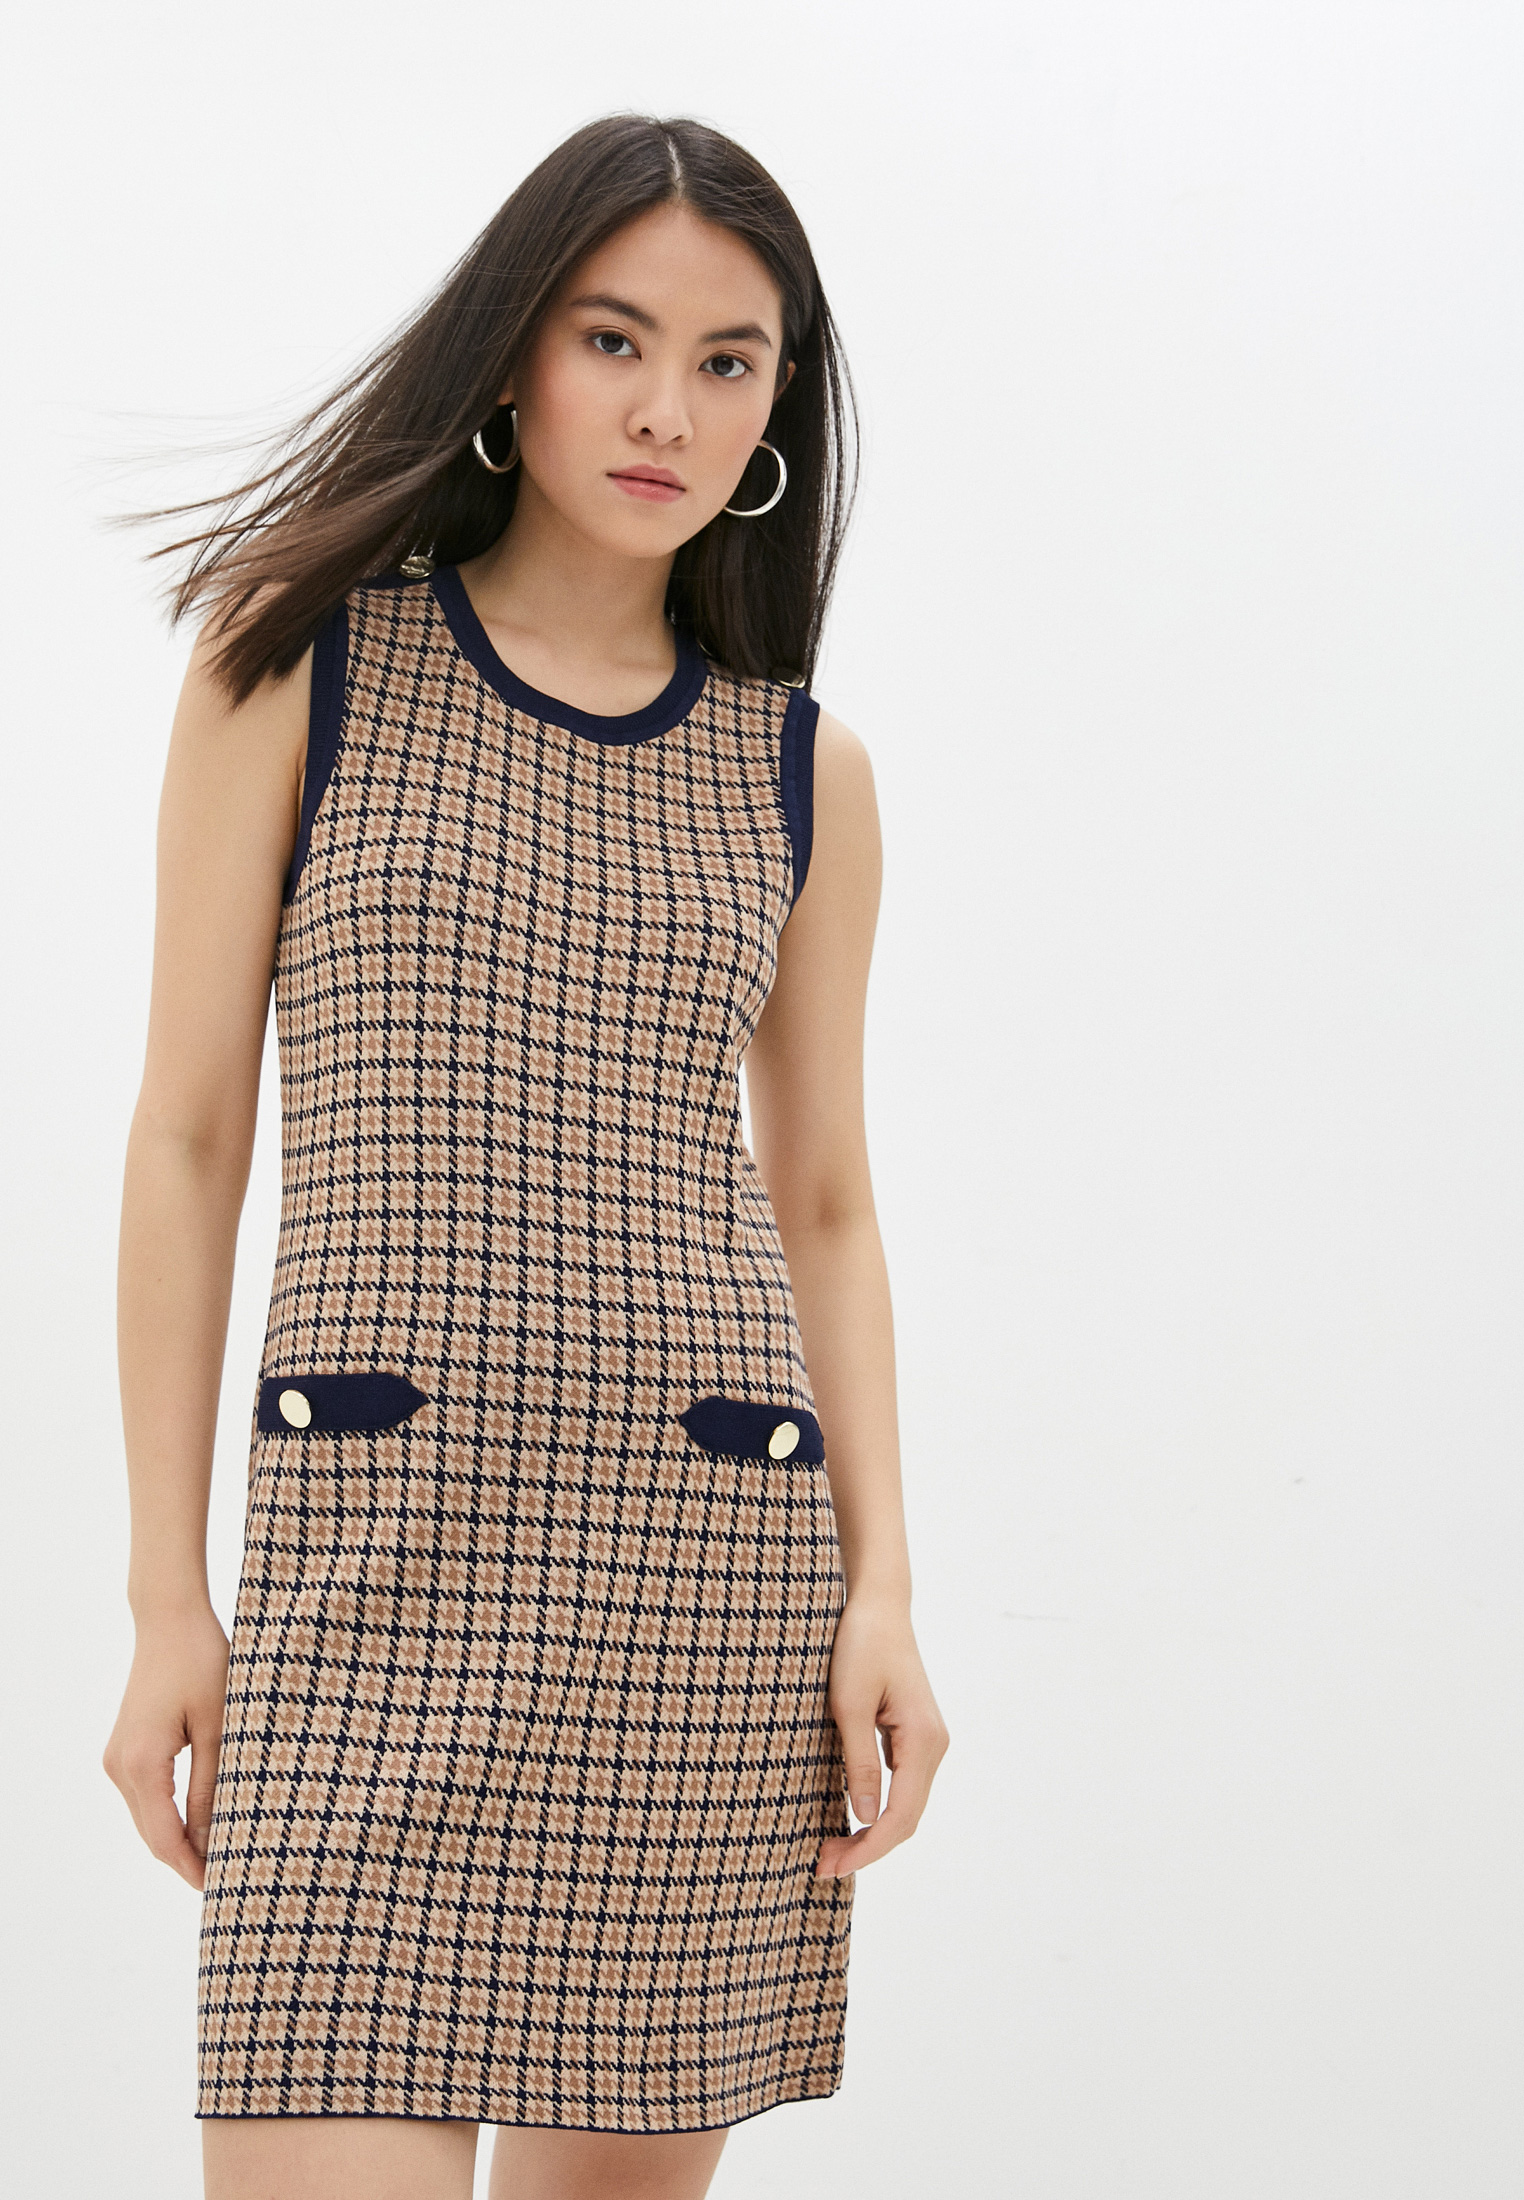 Вязаное платье Claudie Pierlot Платье Claudie Pierlot